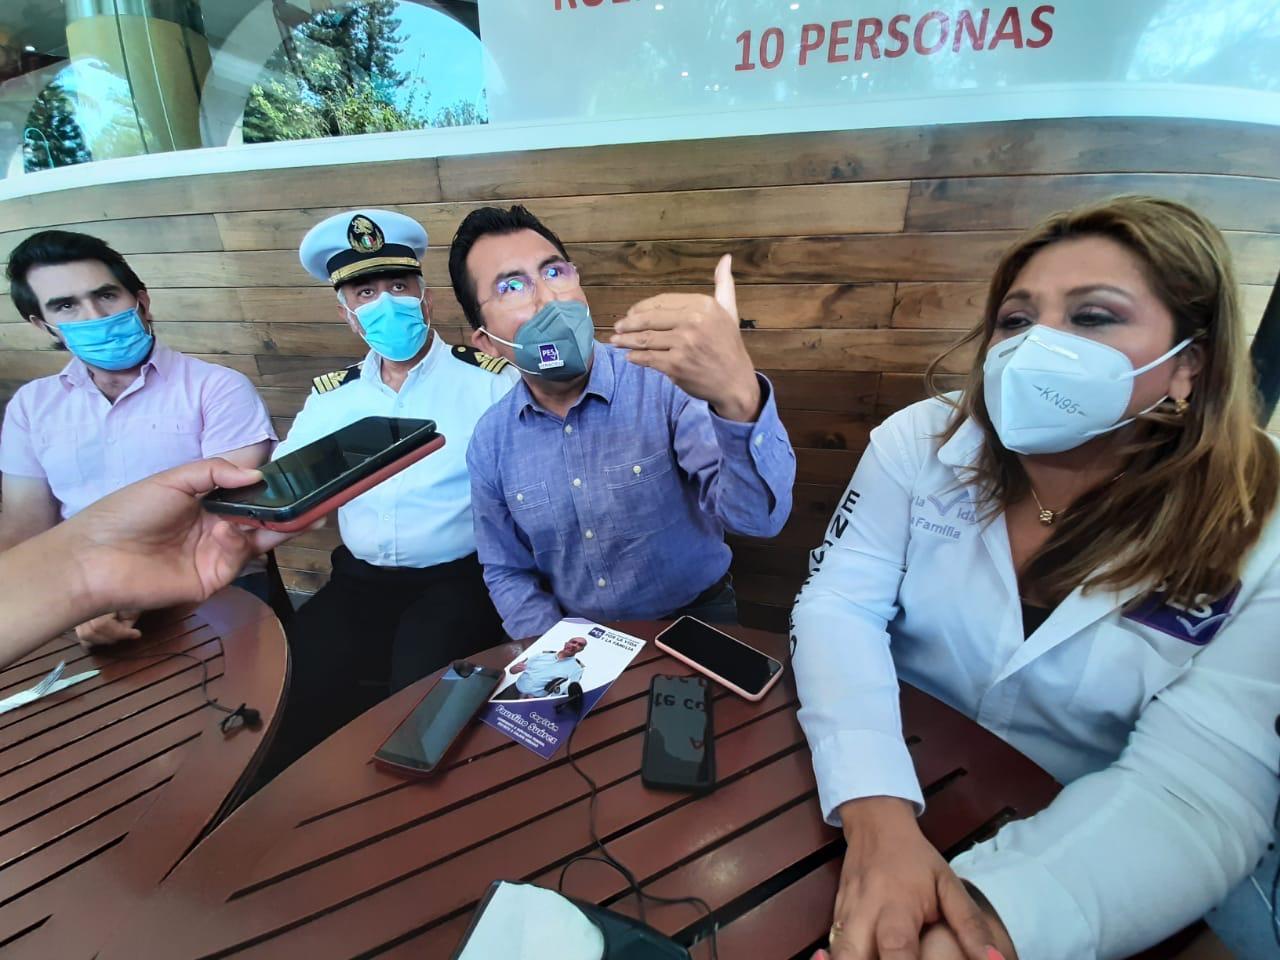 Gobierno de Cuitláhuac está desvirtuando modificación a ultrajes a la autoridad: Guízar